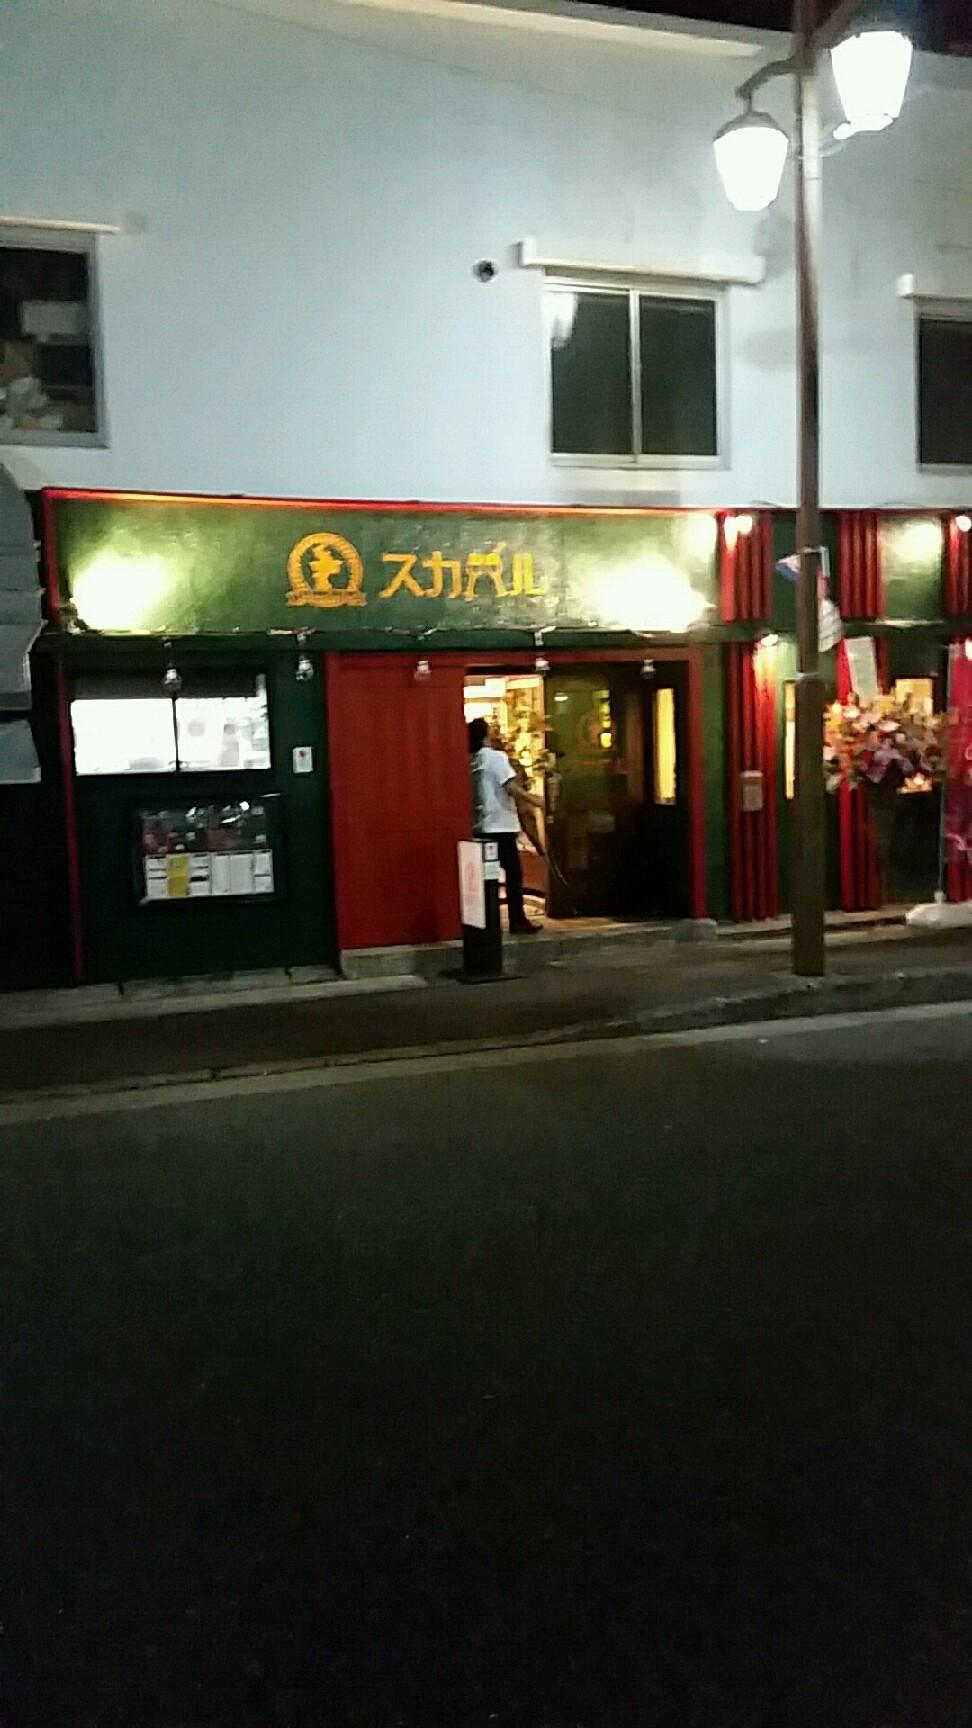 京急久里浜西口栄通り..._d0092901_00384157.jpg